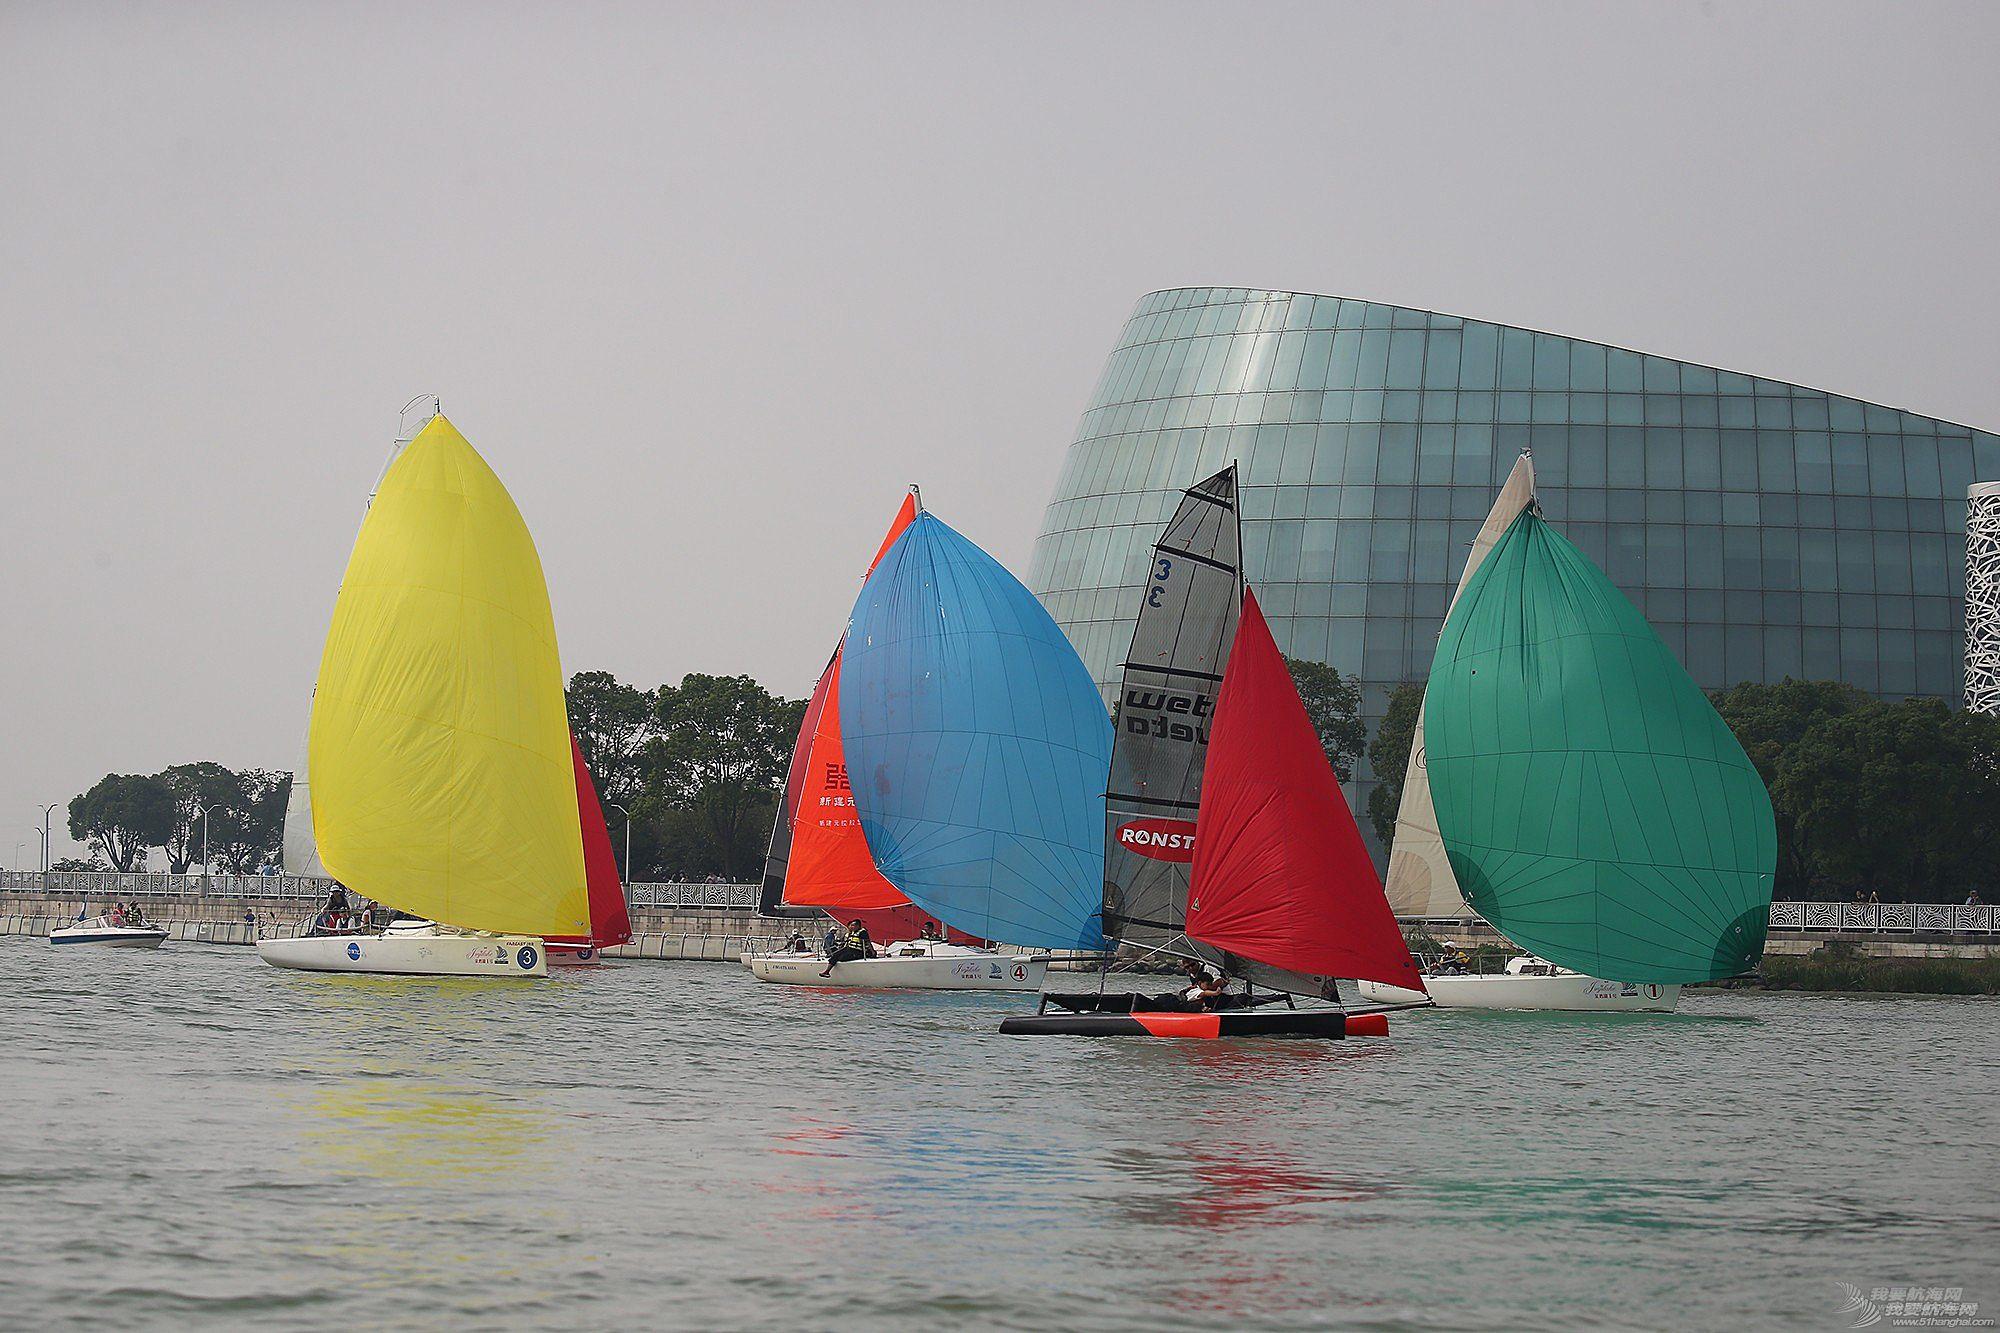 江湖 江湖因你而精彩!第七届城际内湖杯帆船赛圆满闭幕